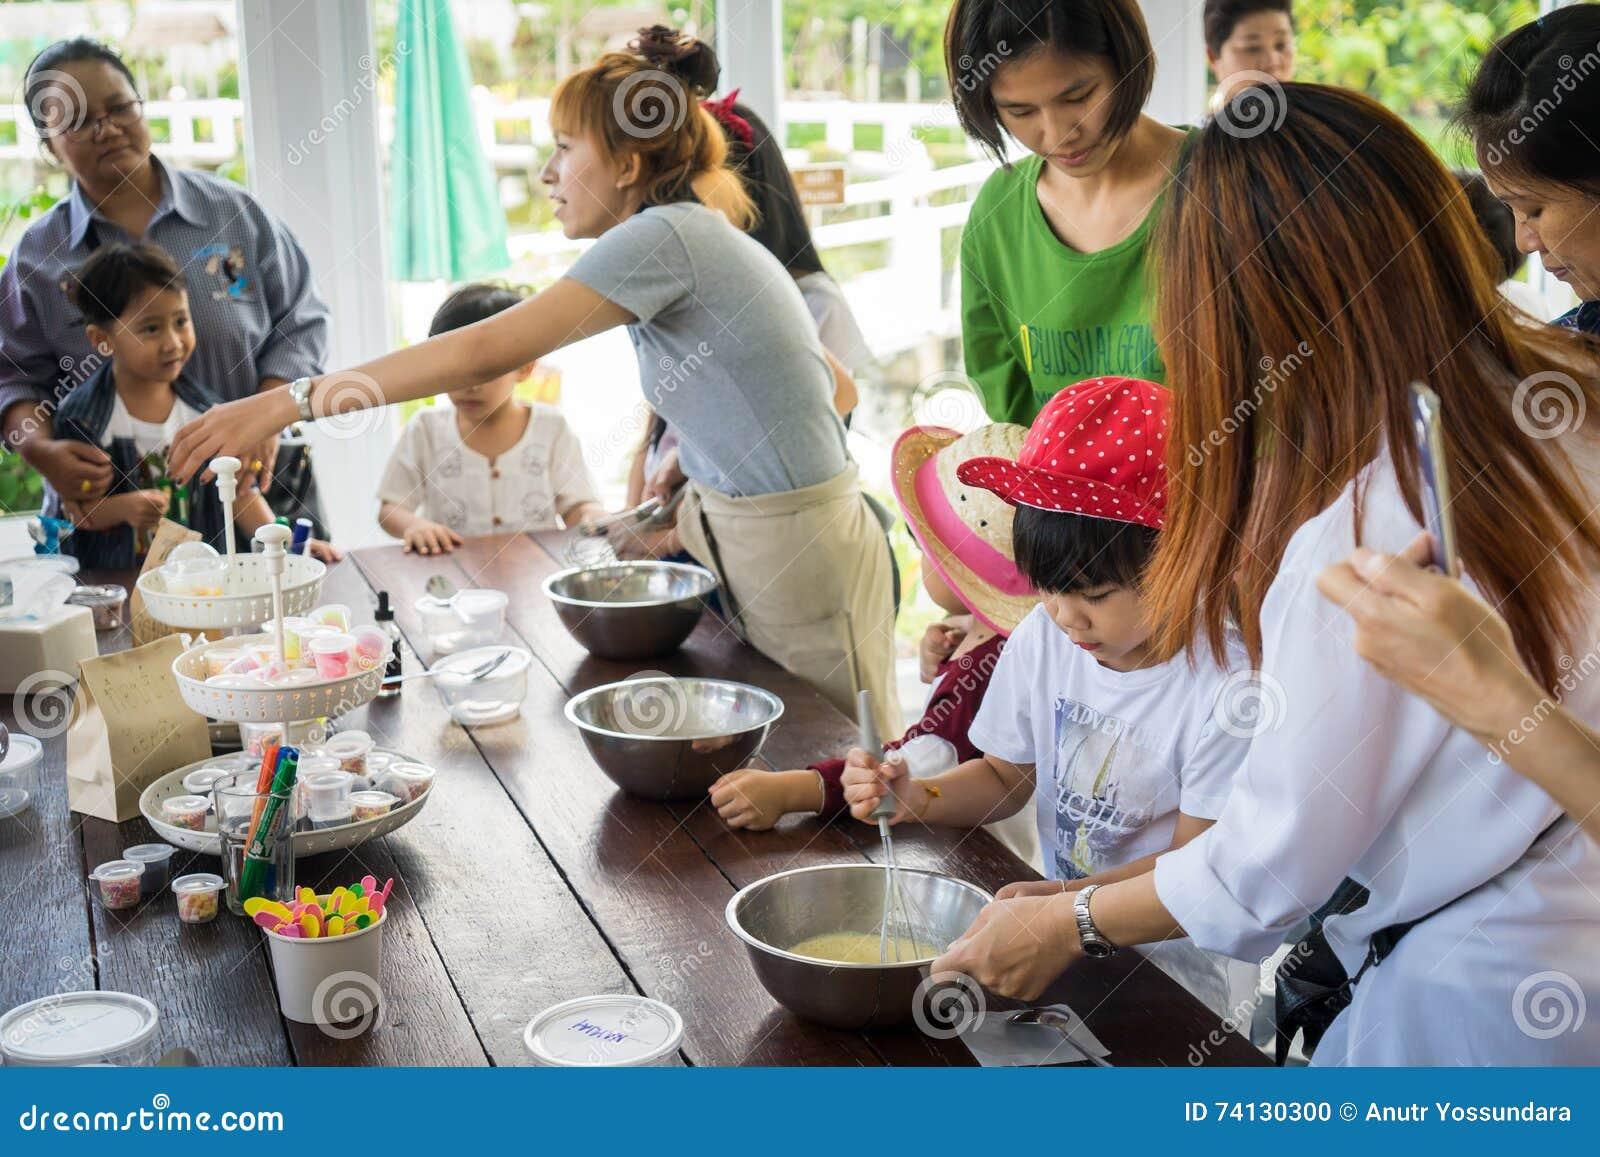 Bangkok, Tailandia   12 De Junio De 2016: La Familia Con Los Pequeños Niños  Está Cocinando En Una Clase De Cocina De La Panadería